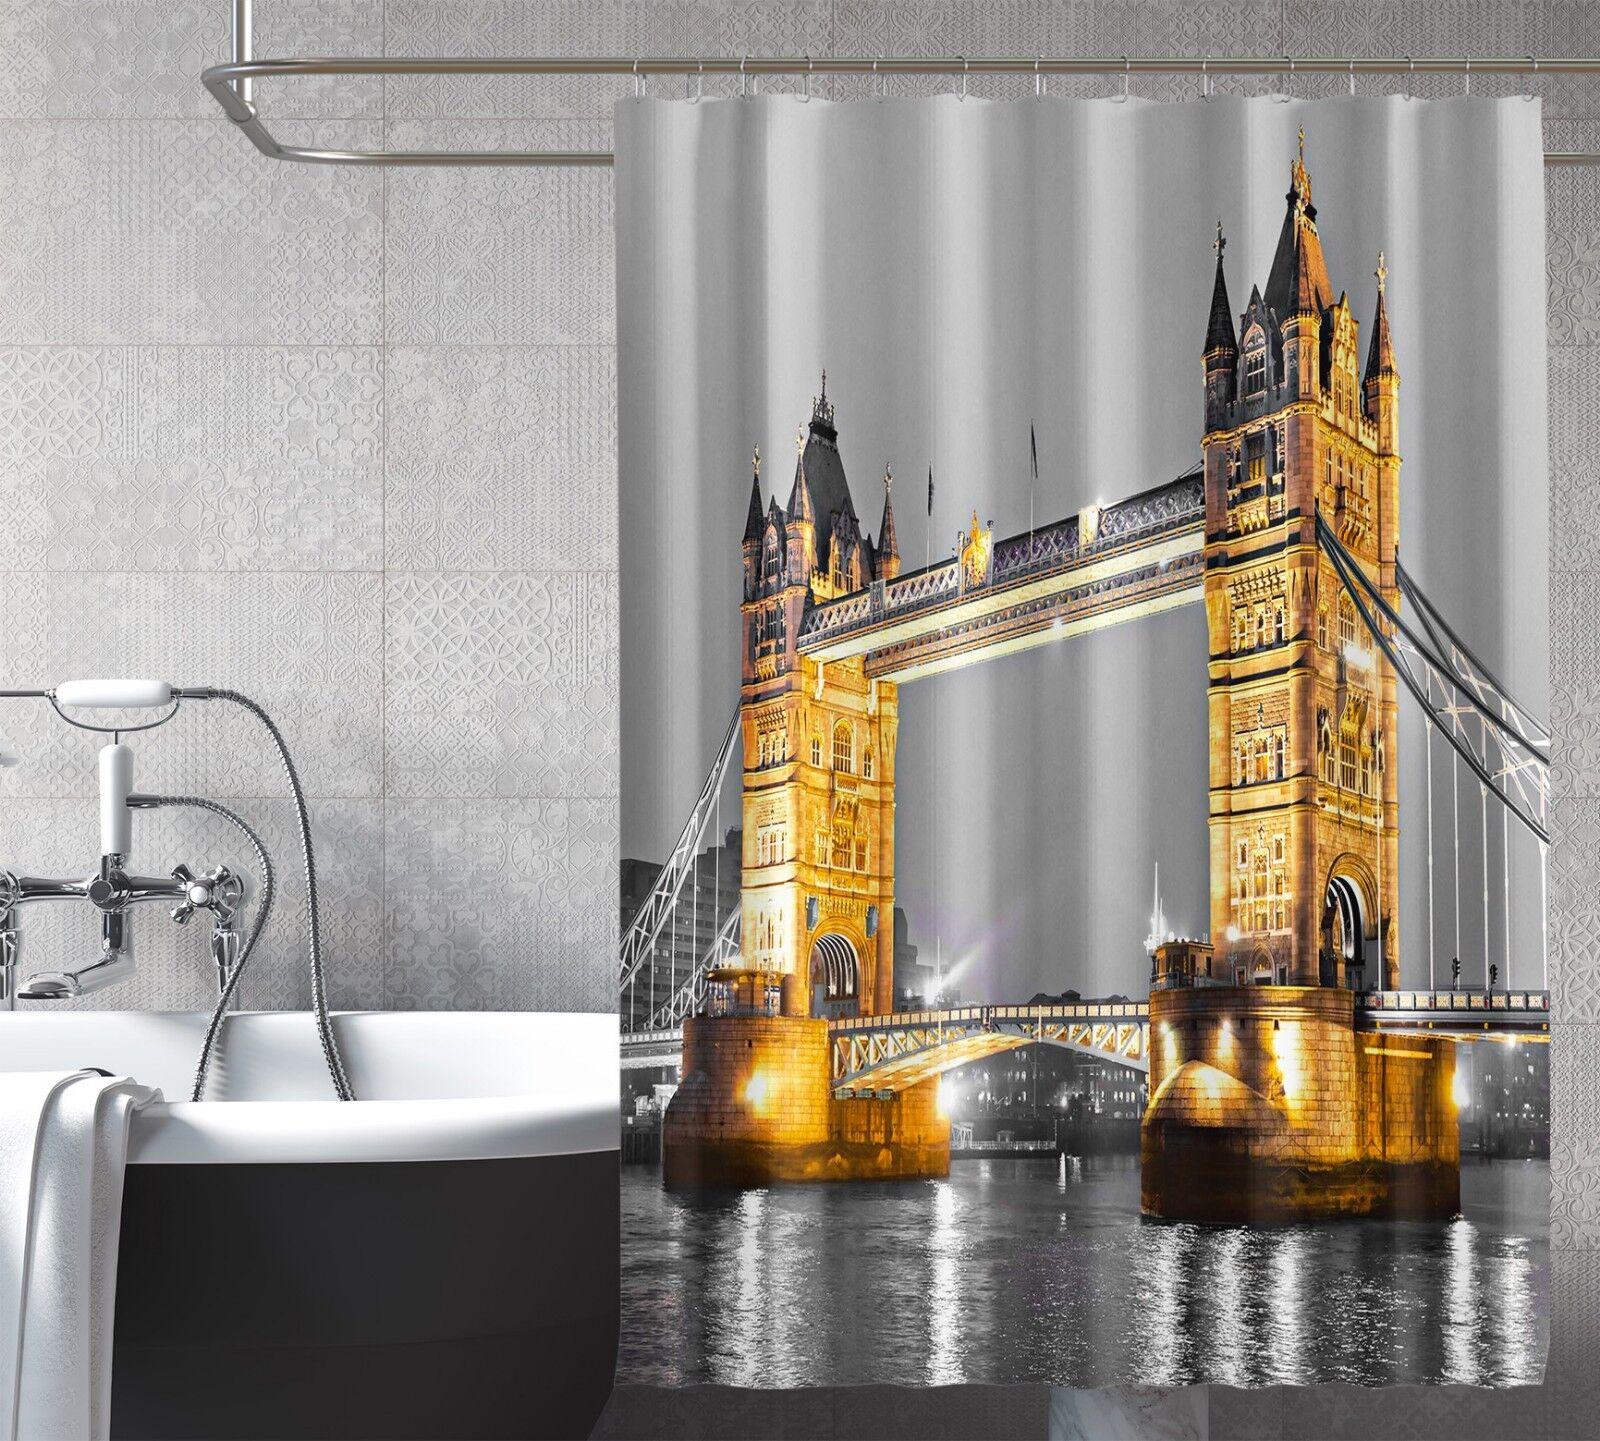 3D Tower Bridge 465 Shower Shower Shower Curtain Waterproof Fiber Bathroom Home Windows Toilet 48d73a